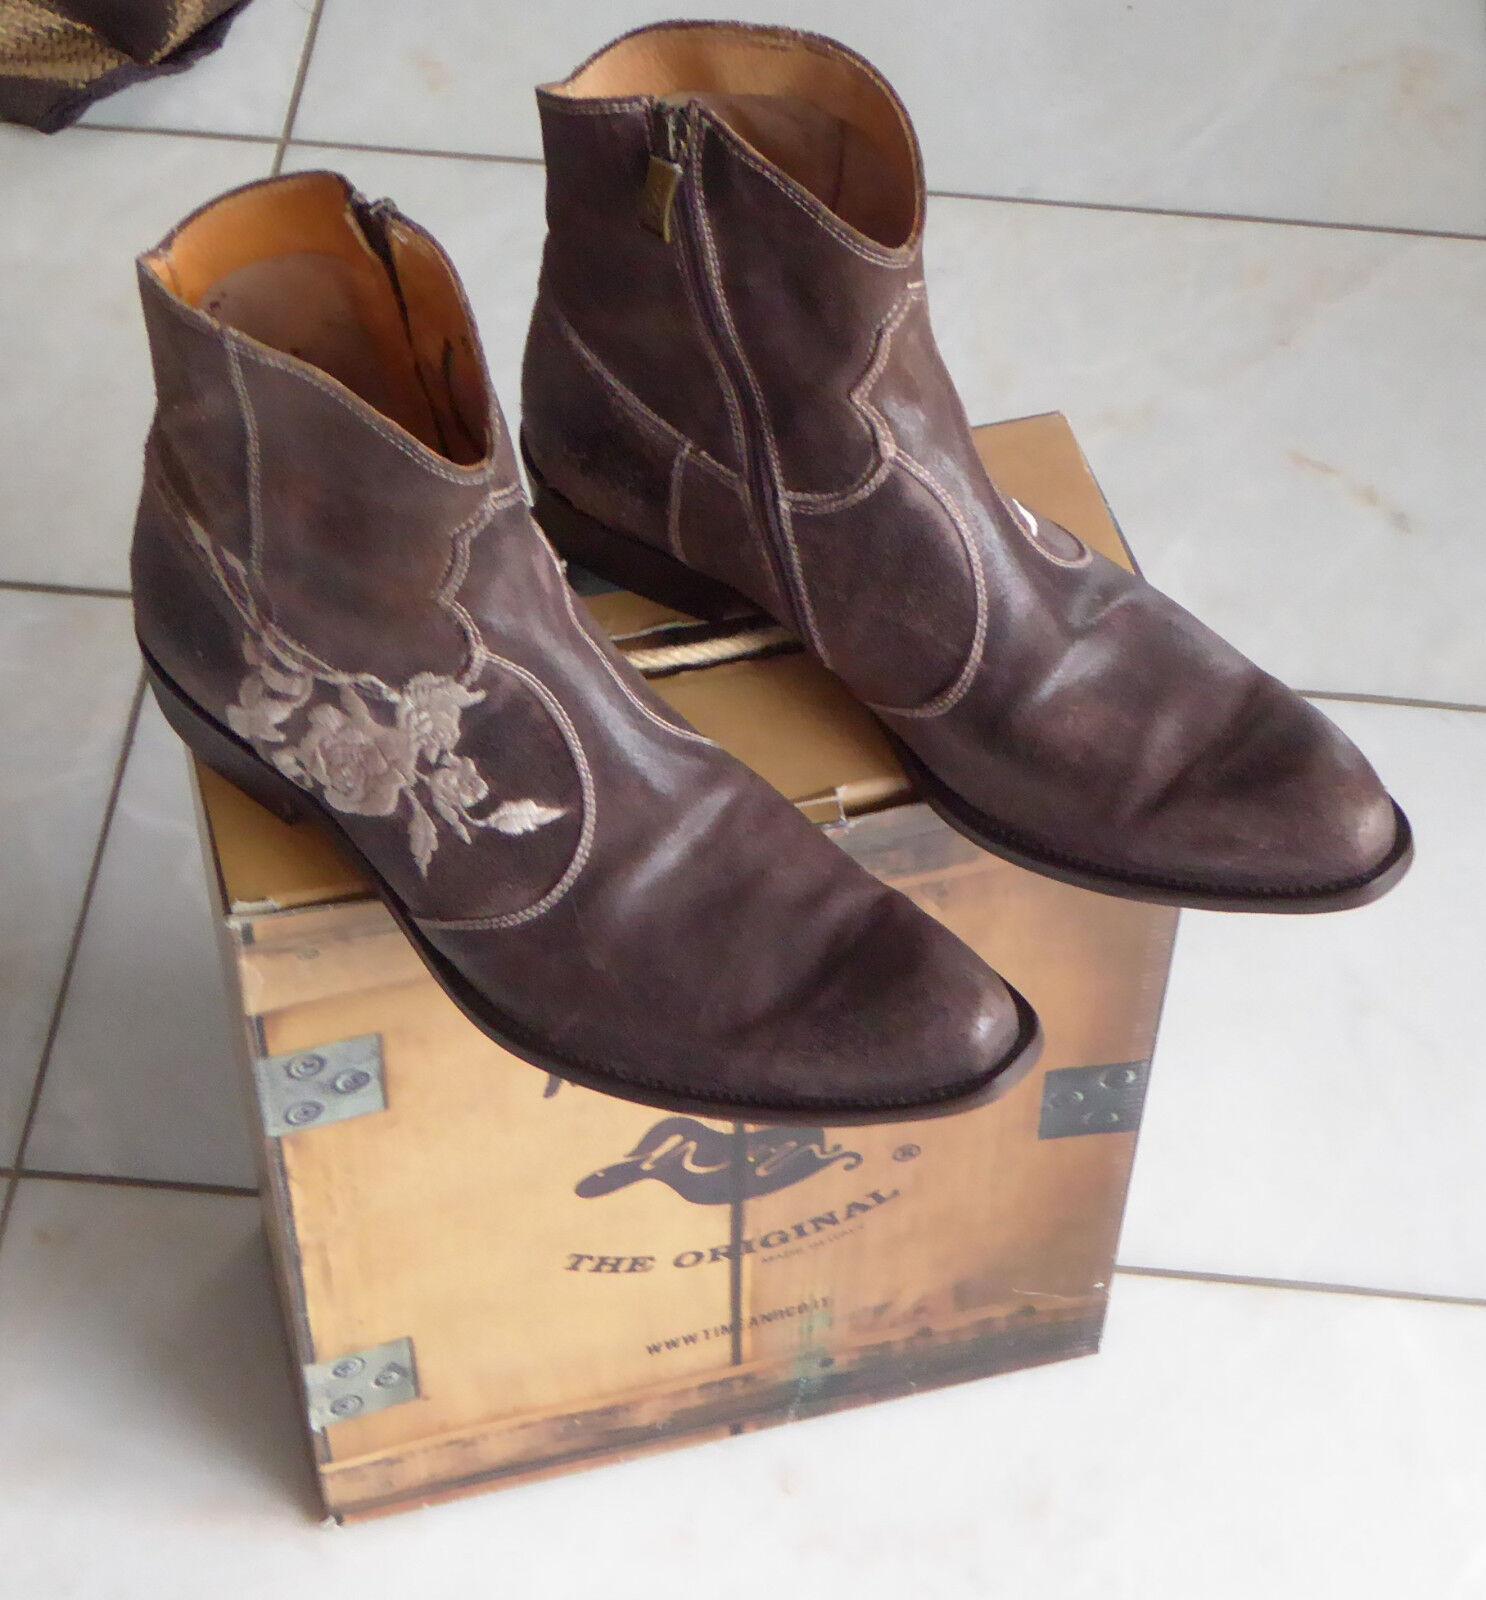 Boots Stiefel We Are The Original INSIEDAY , caffè, braun,Blumen-Stiching, Gr.43